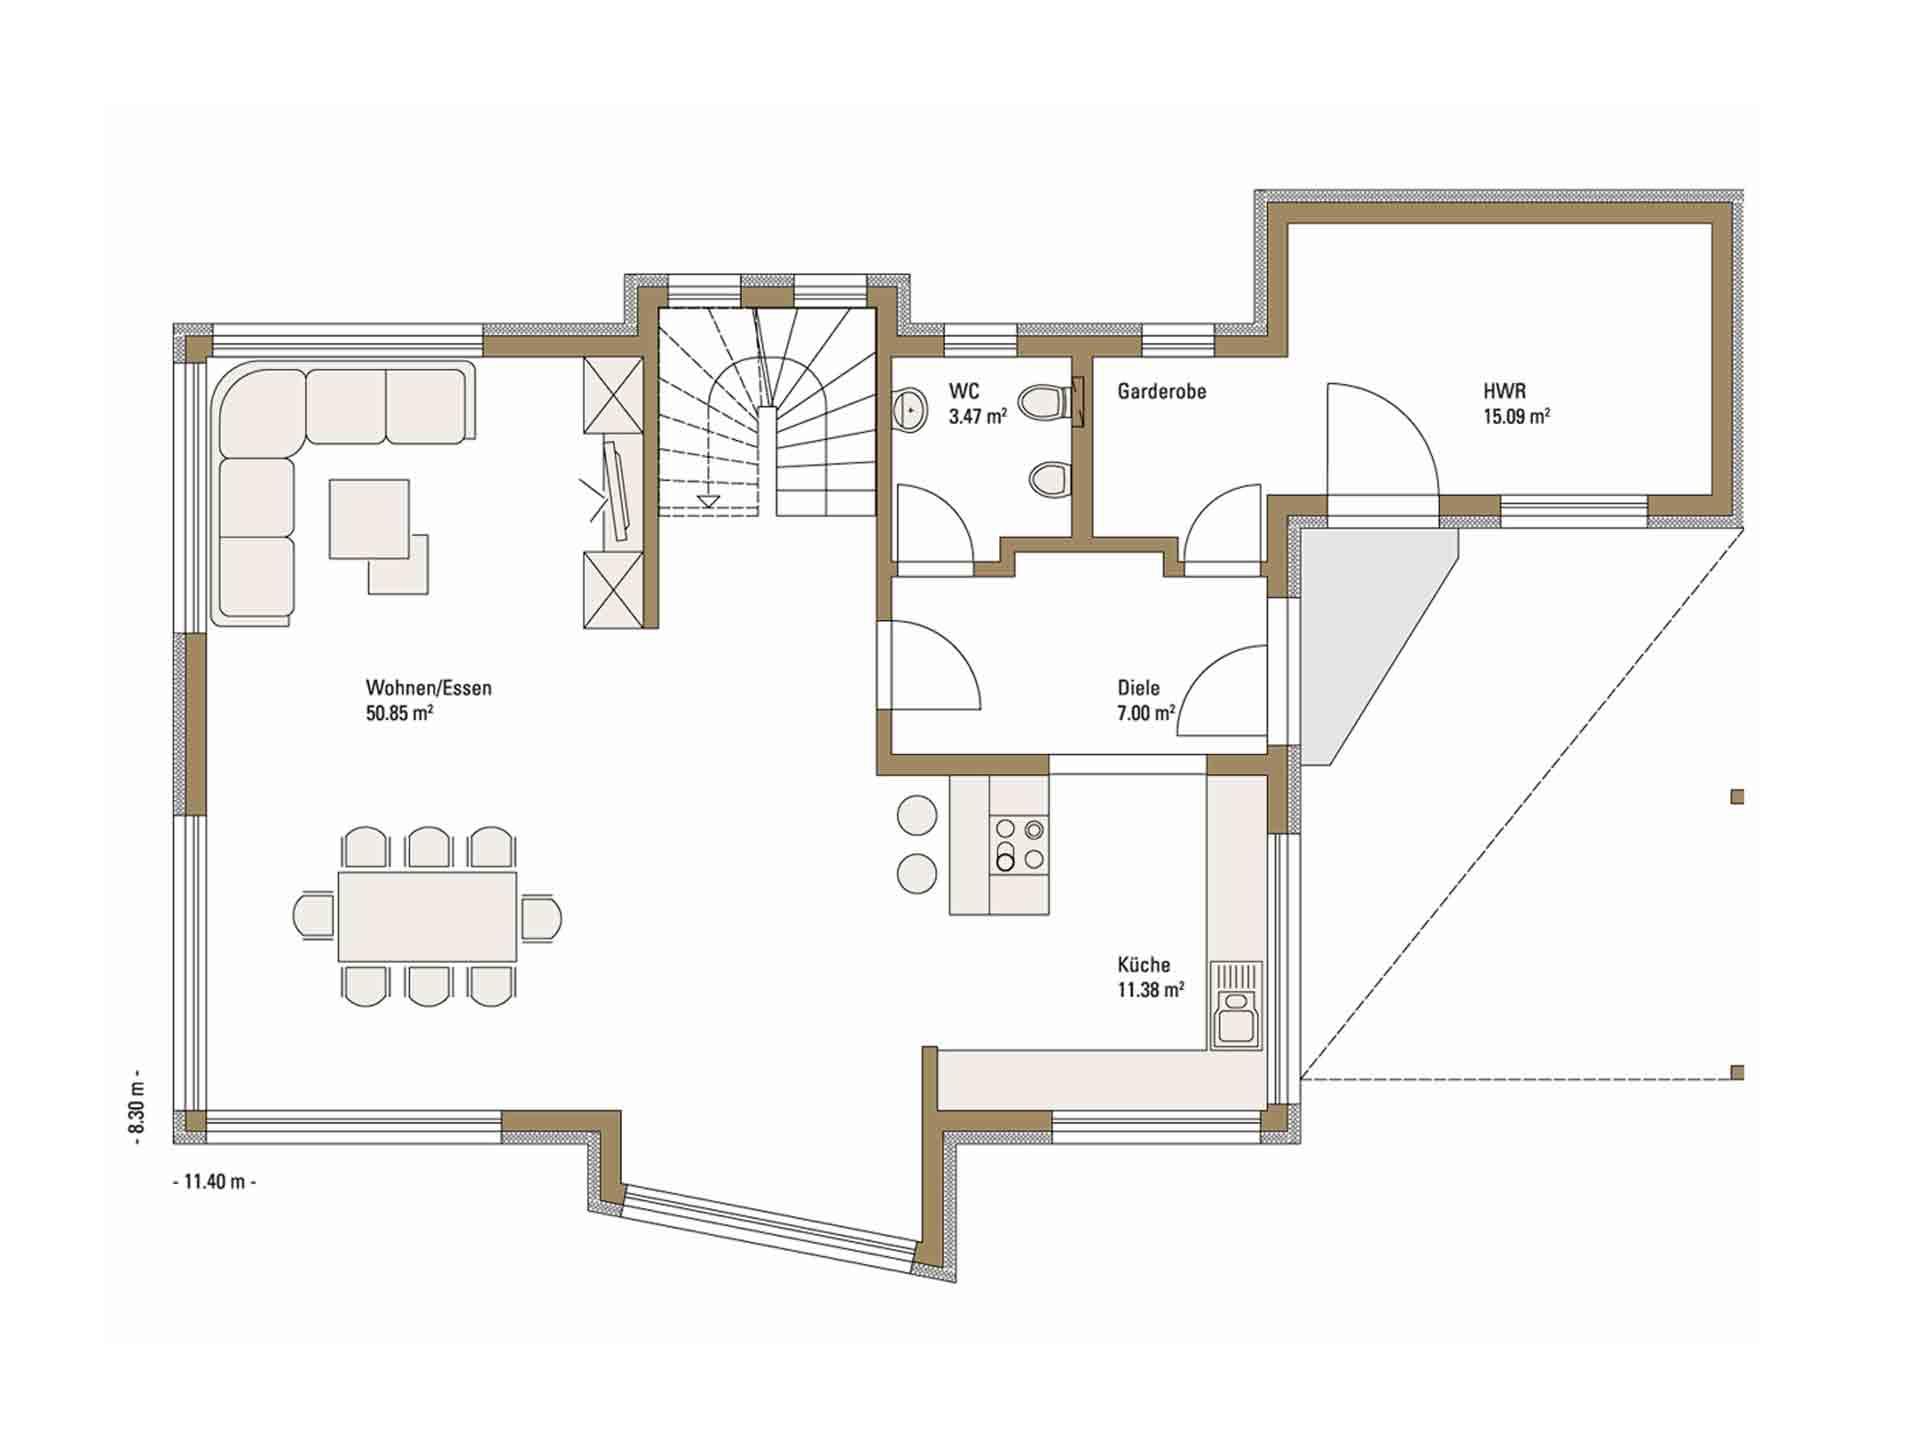 Musterhaus Erlangen - Eine Nahaufnahme von einer Karte - Fertighaus Weiss